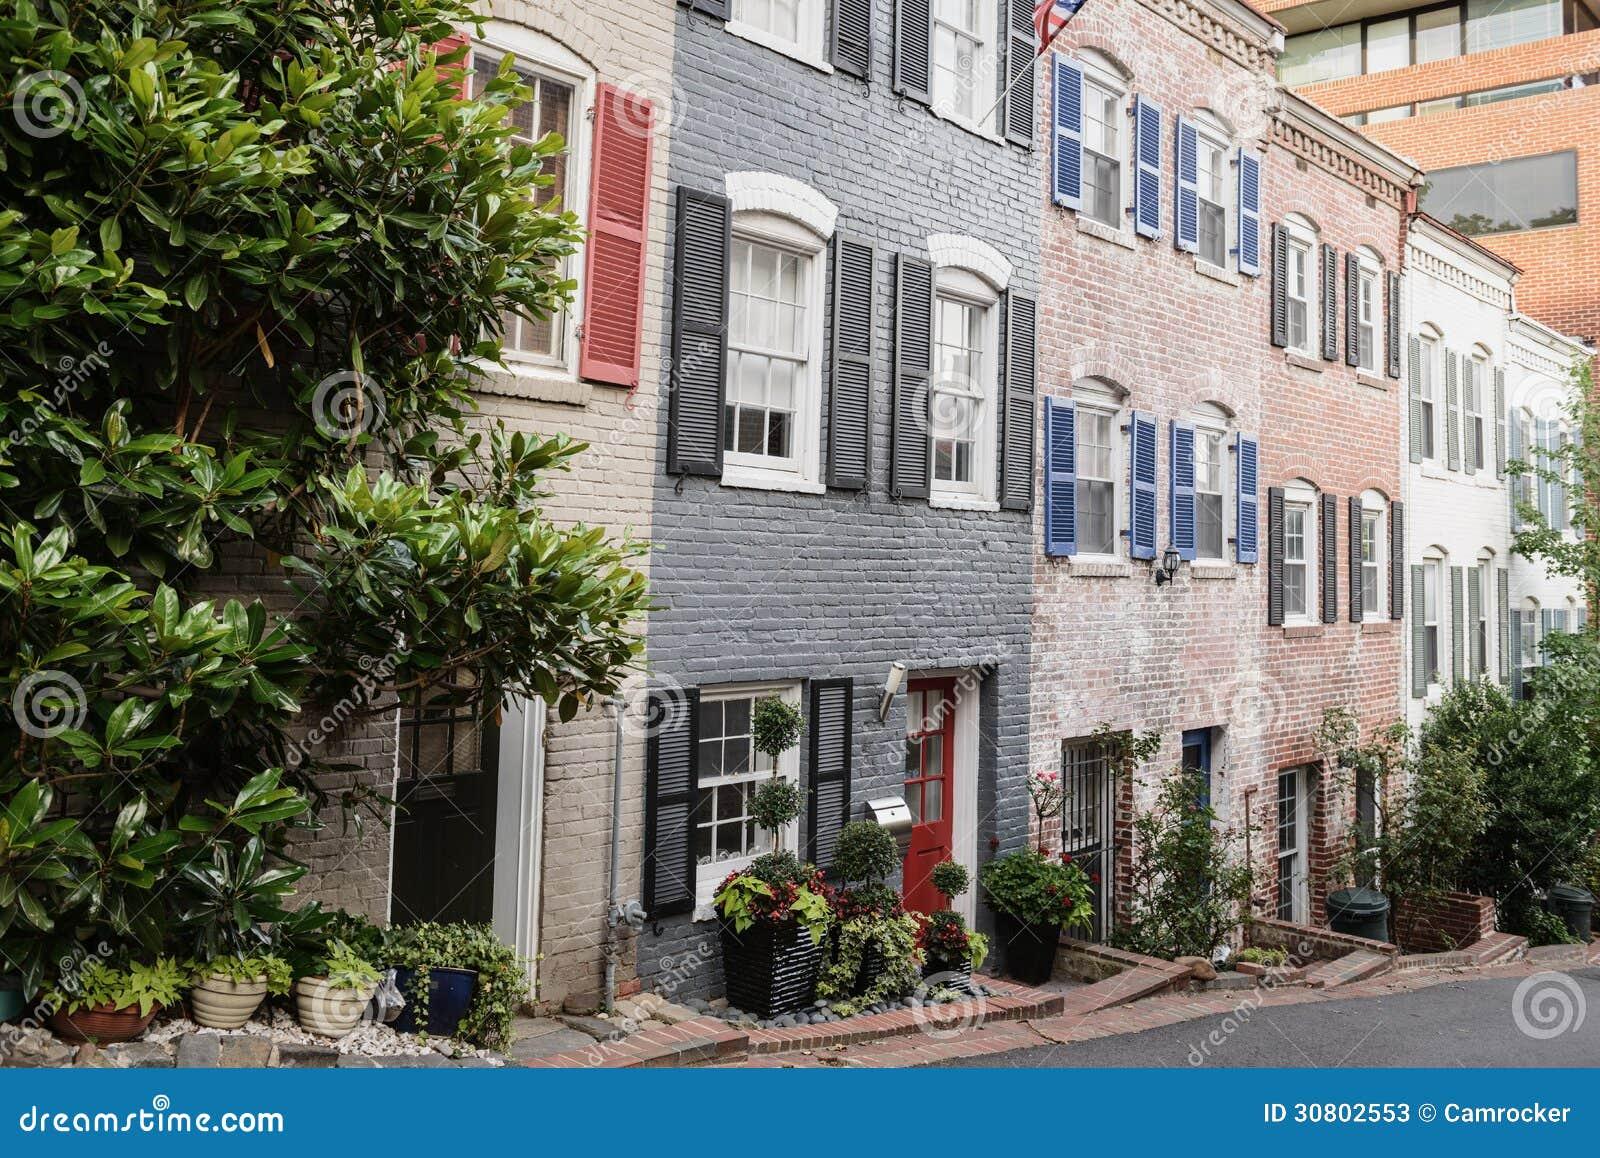 连栋房屋在乔治城,华盛顿特区